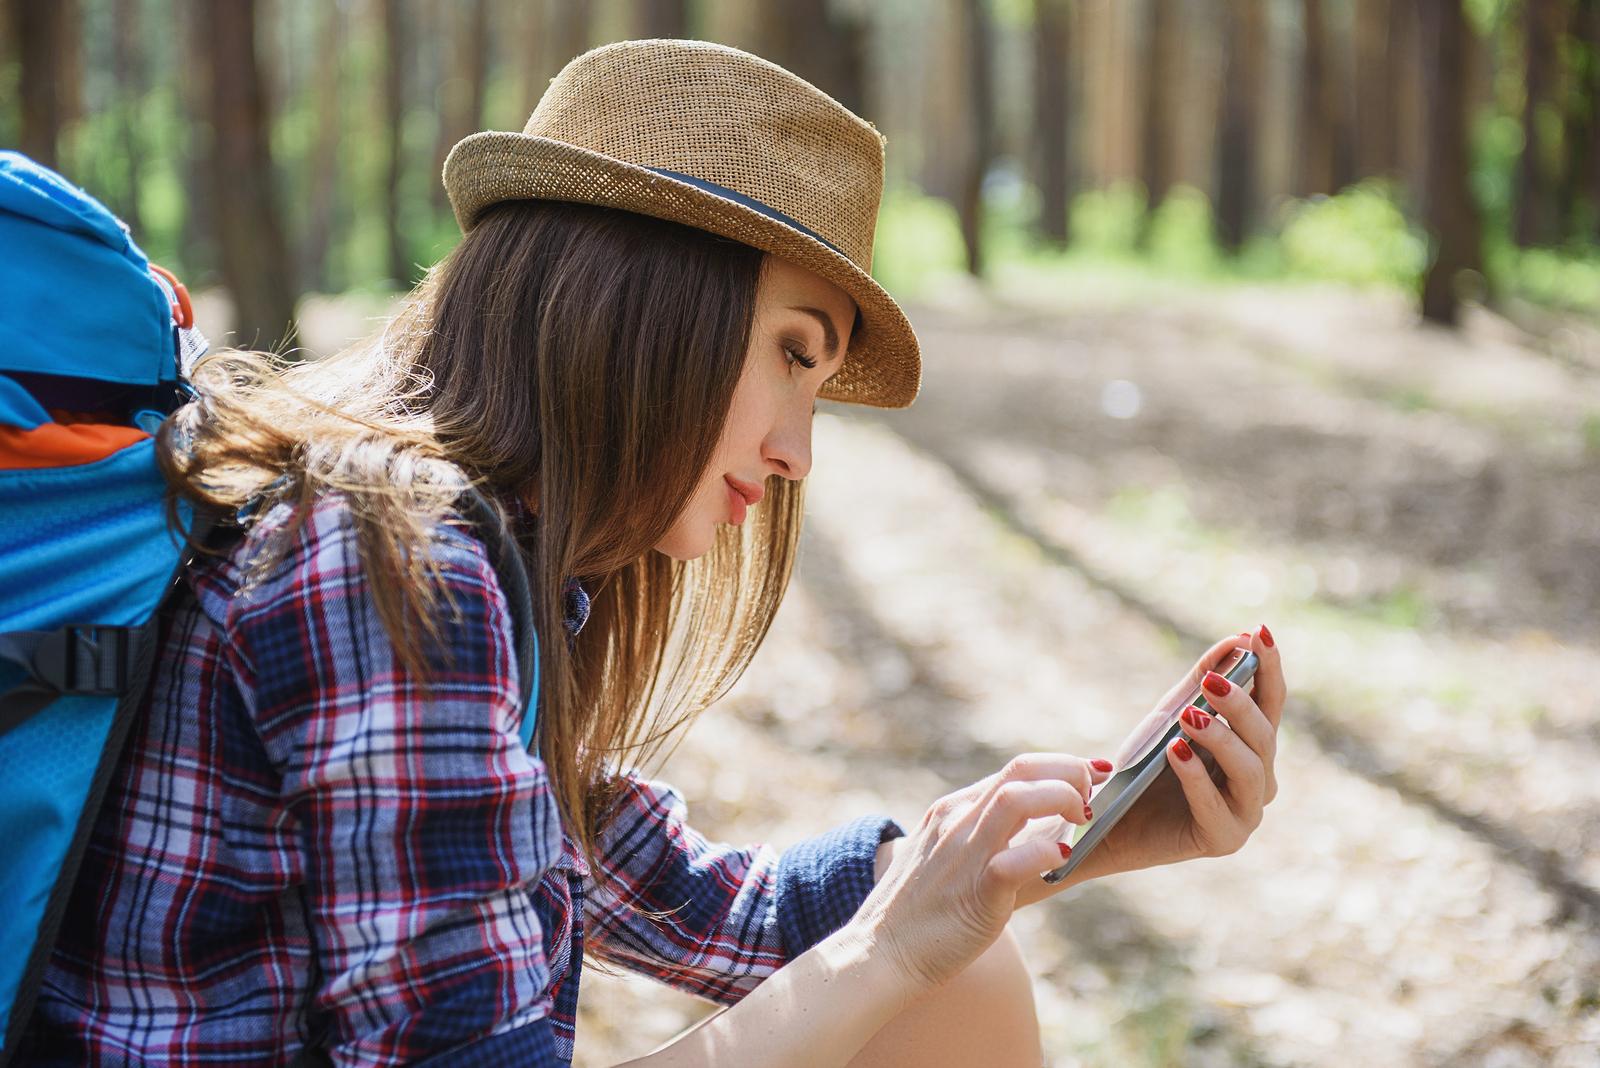 Сезон тихой охоты: полезные приложения для грибников